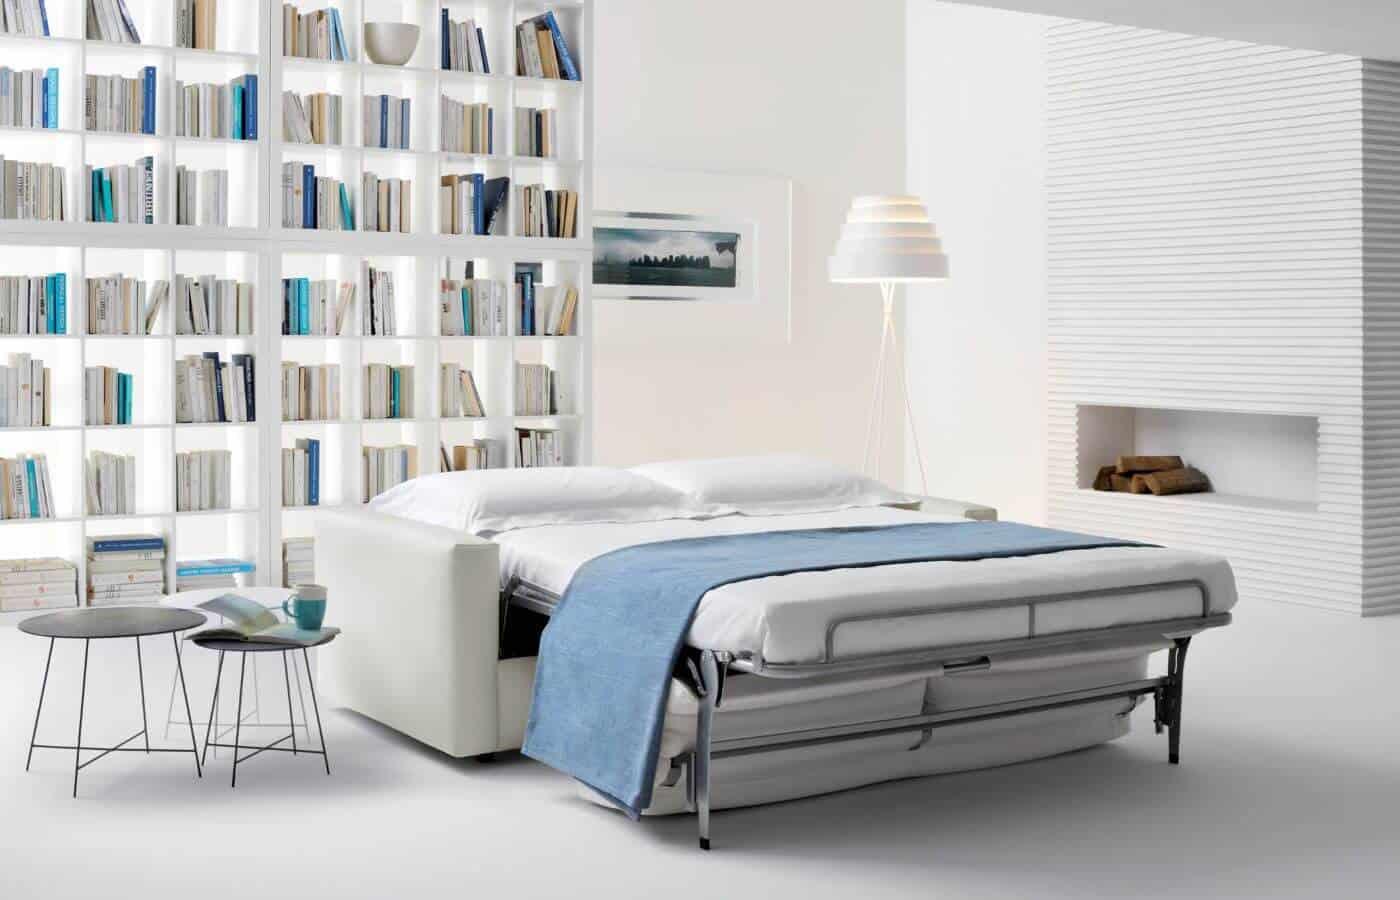 divani-letto-collezione-margherita-il-mobile (3)